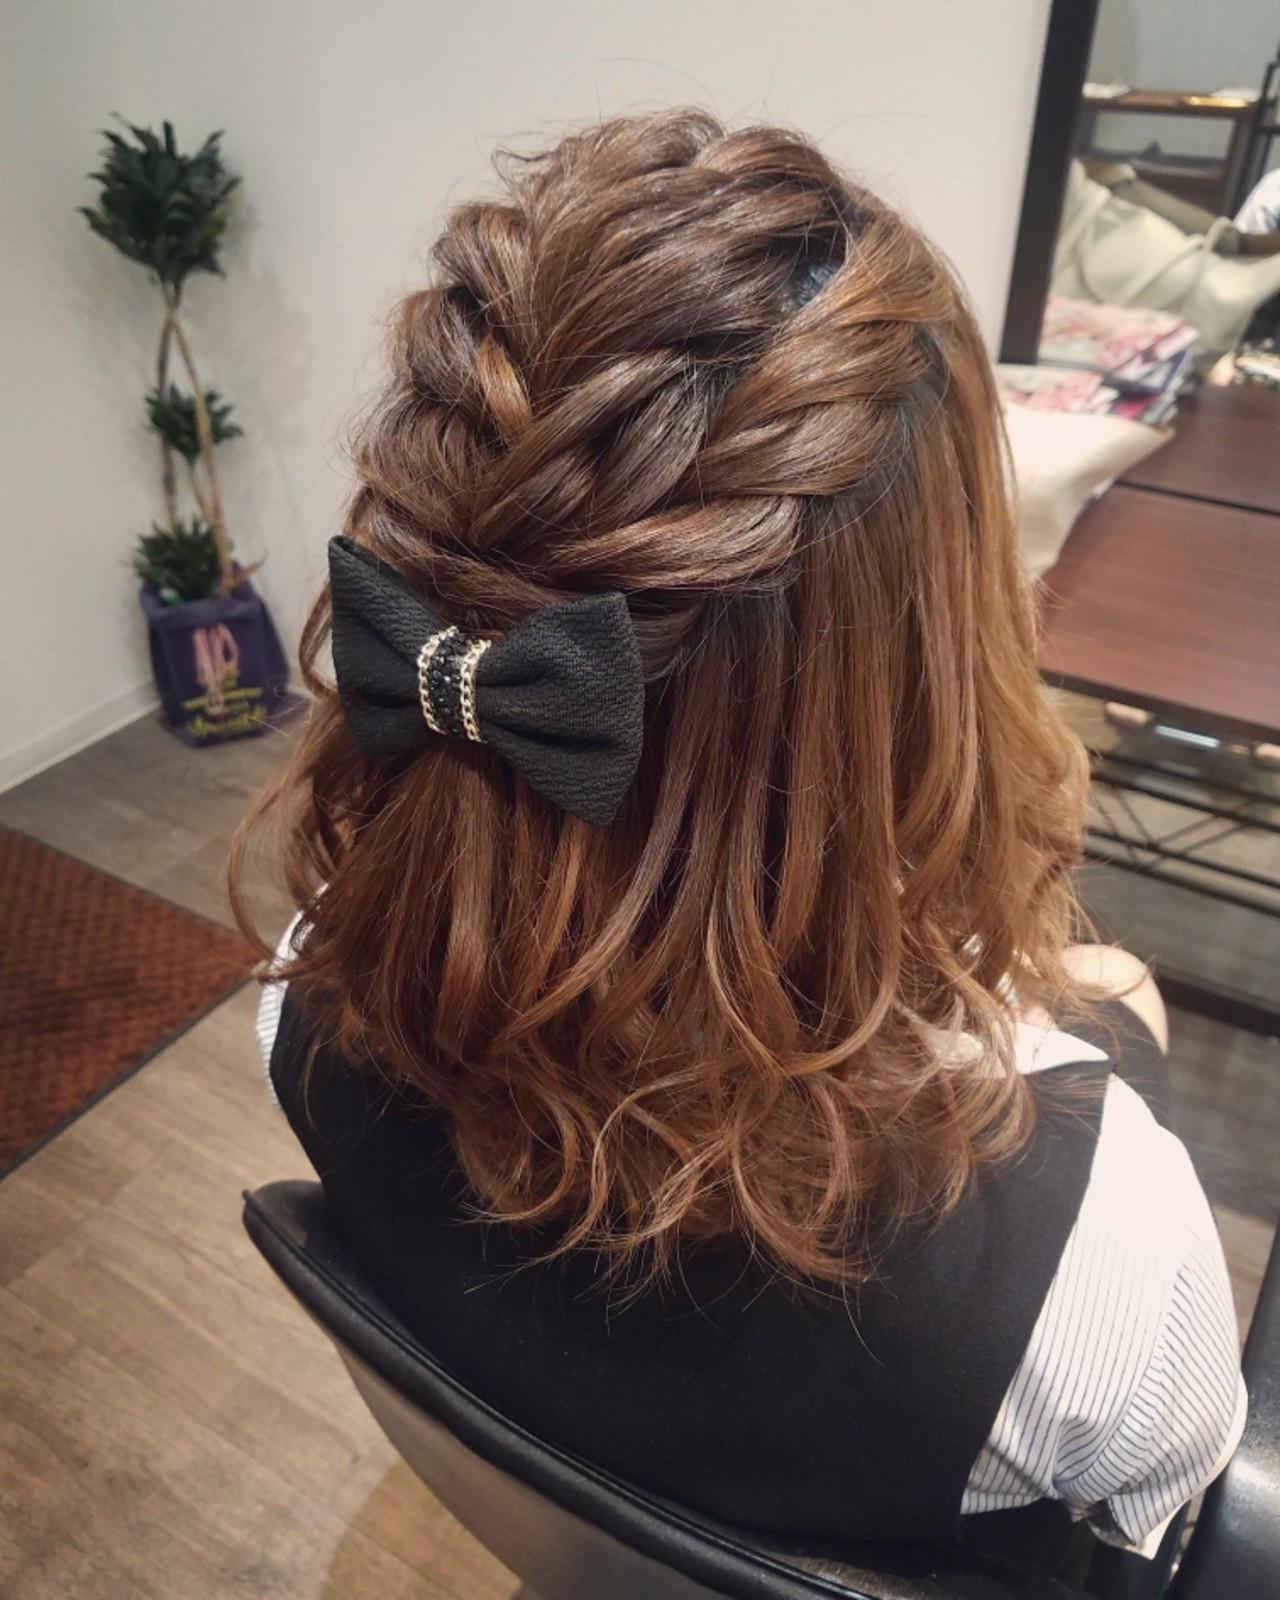 ミディアム ハーフアップ フェミニン ボブ ヘアスタイルや髪型の写真・画像